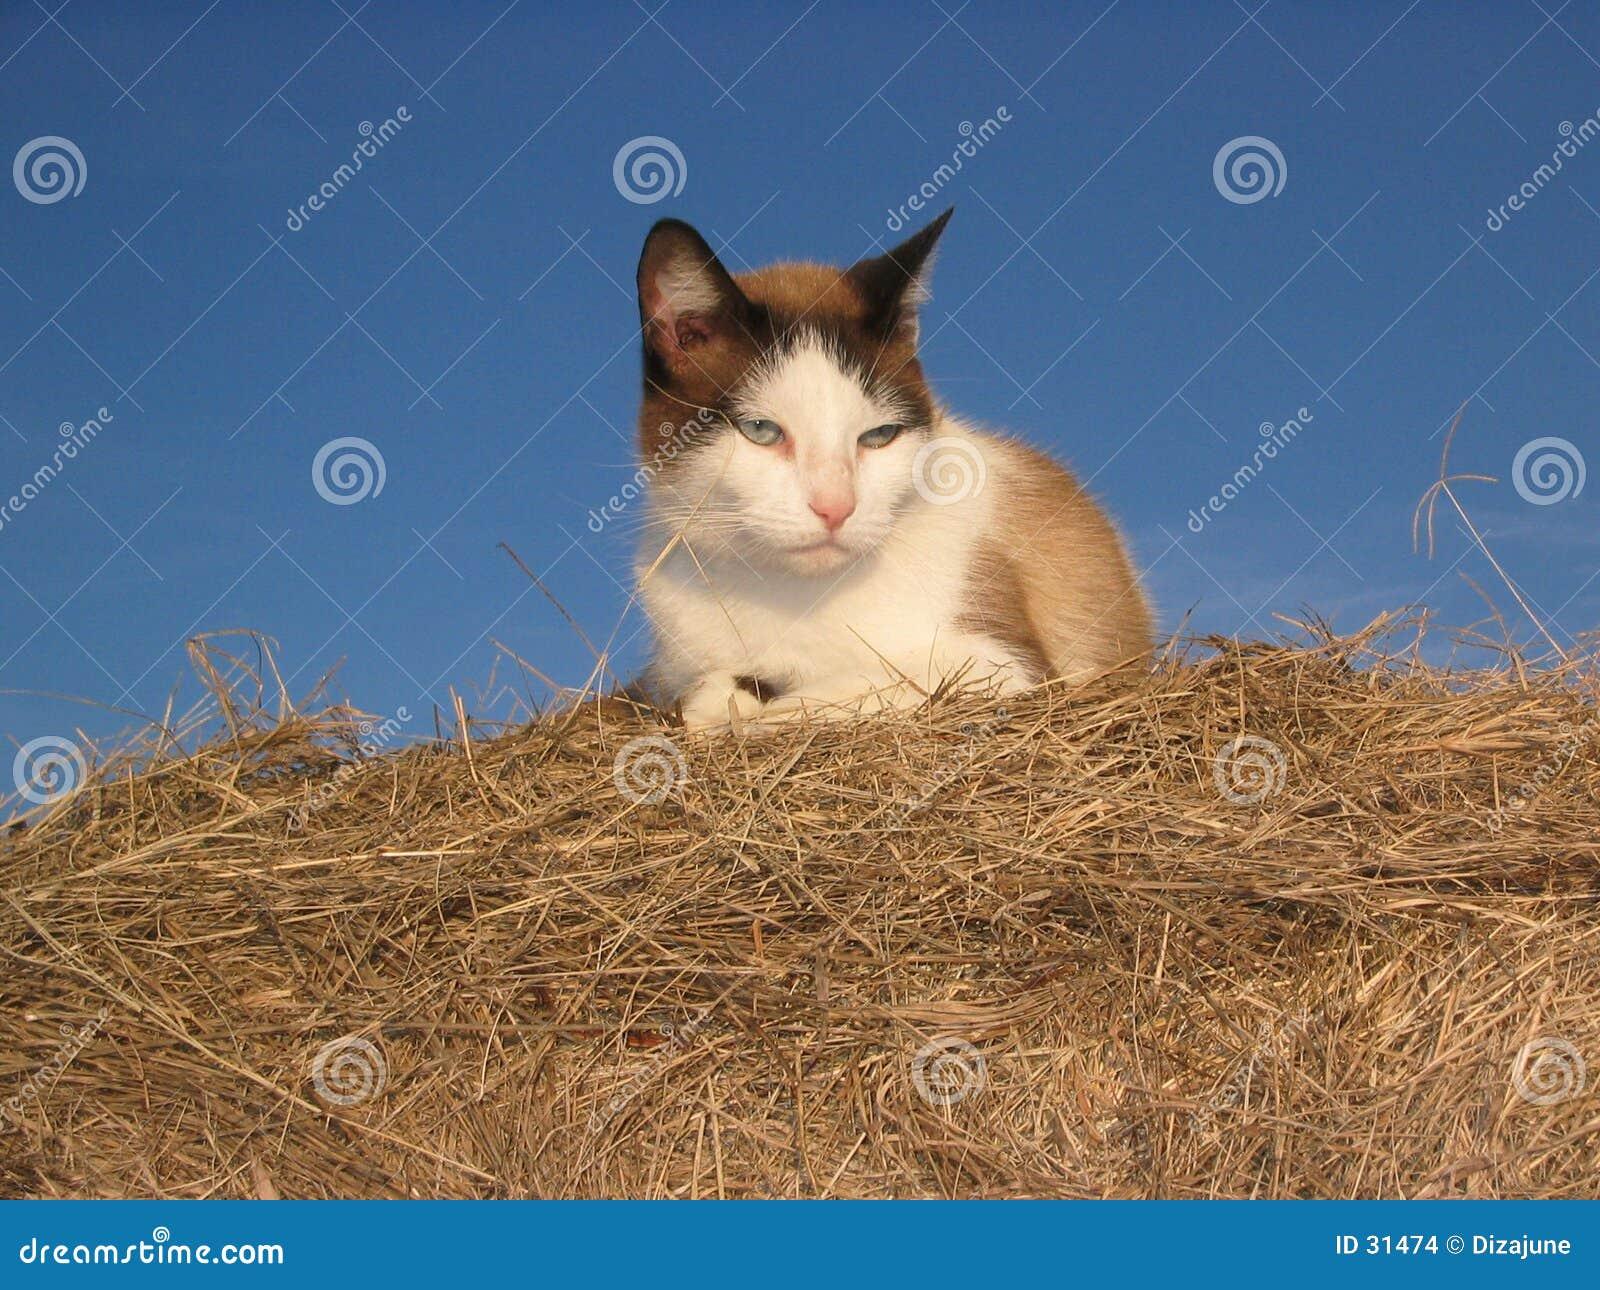 Download Gato en el heno foto de archivo. Imagen de piel, apacible - 31474